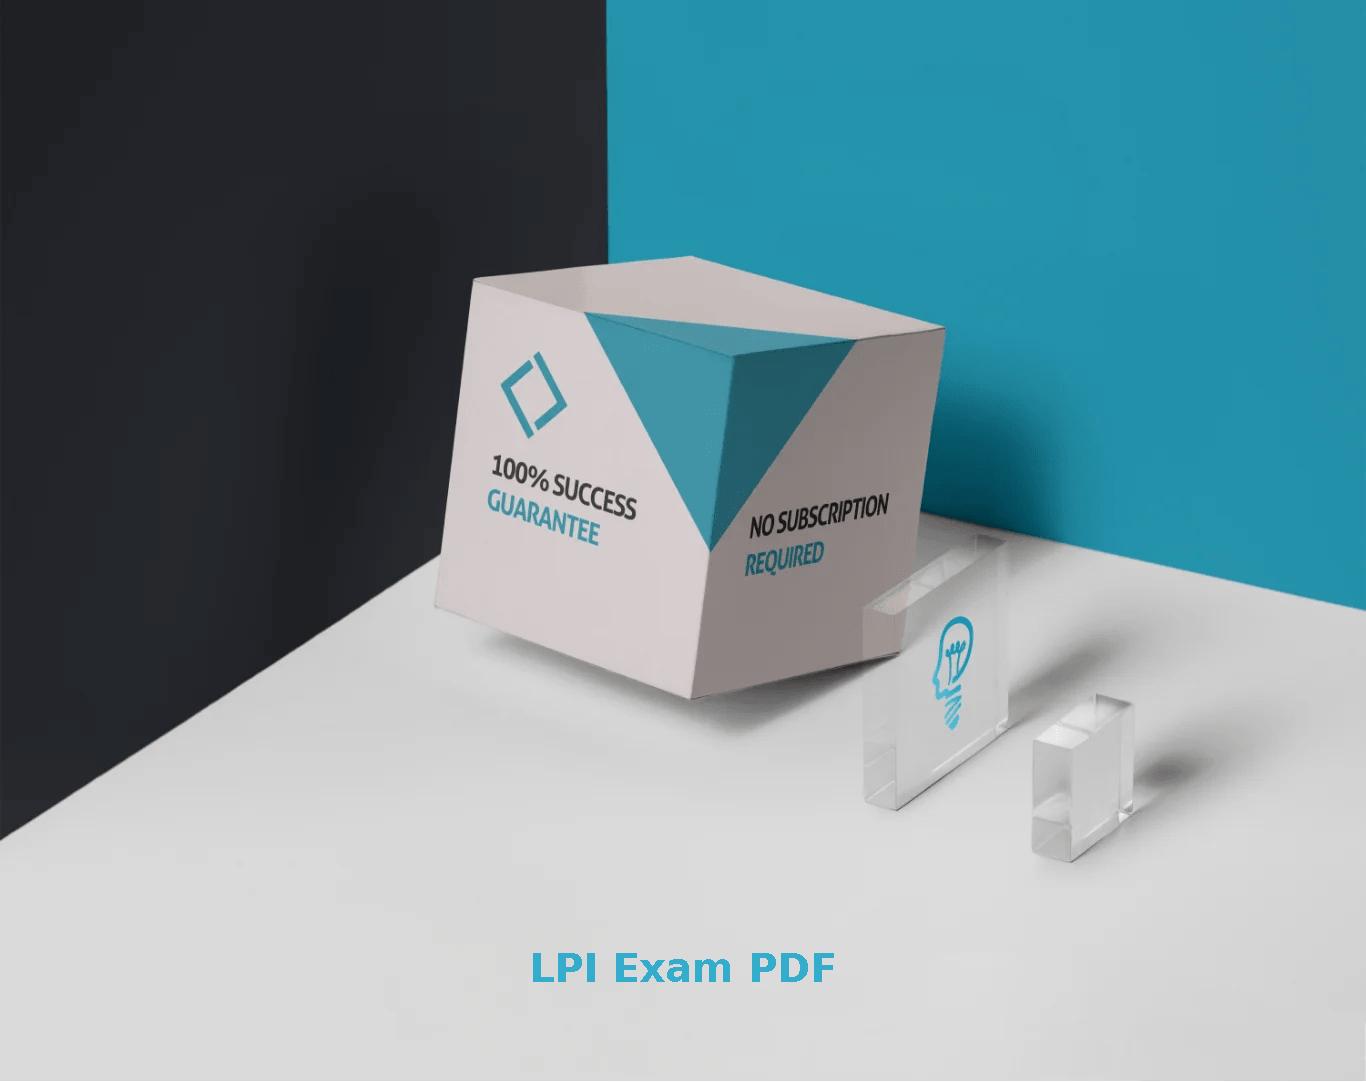 LPI Exam PDF